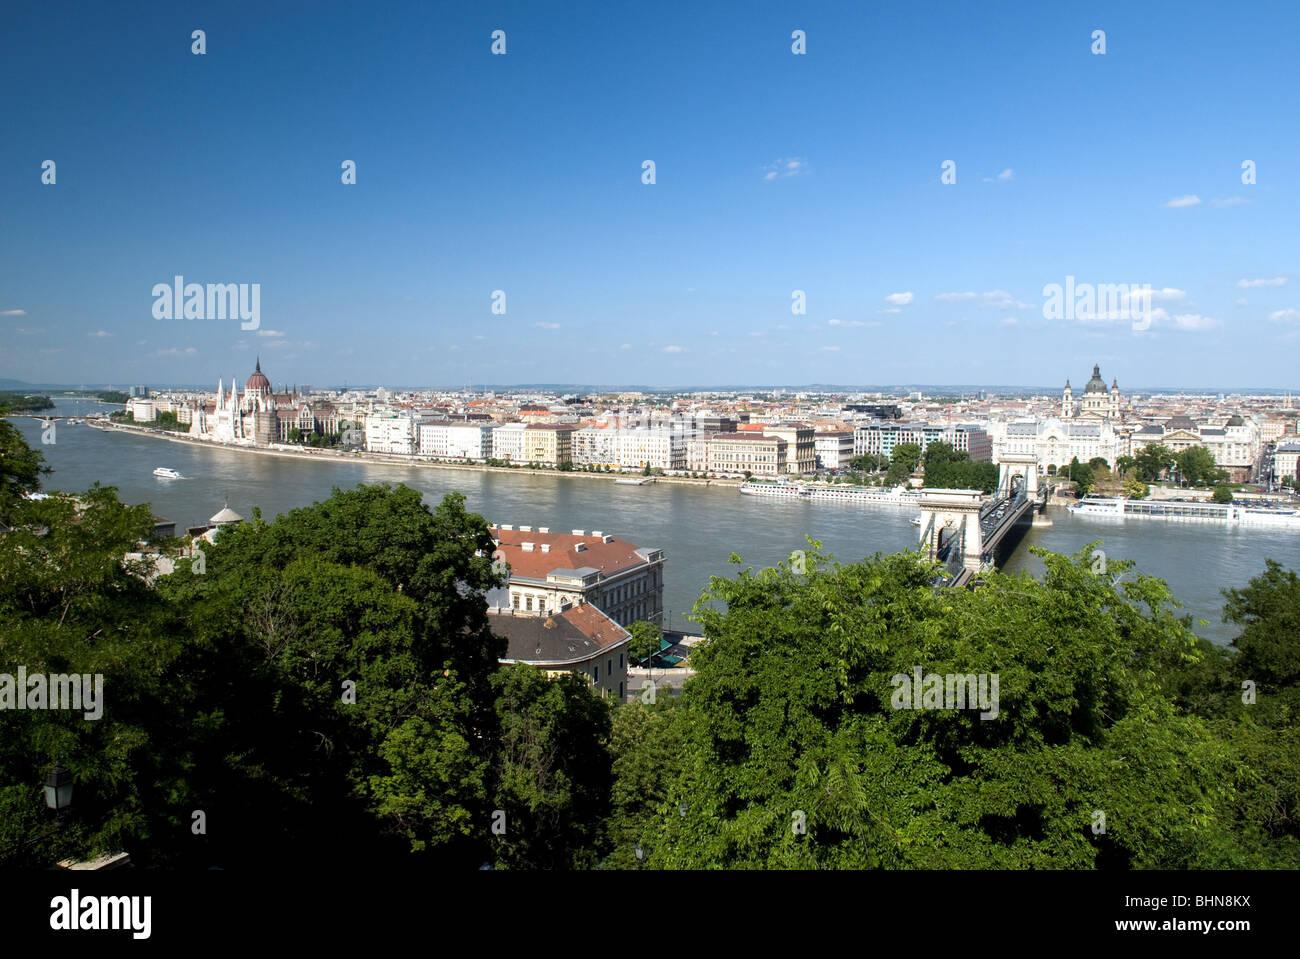 geography / travel, Hungary, Budapest, Pest, Danube River, Szechenyi Chain Brige, Gresham Palace, Basilica St. Stephan, - Stock Image